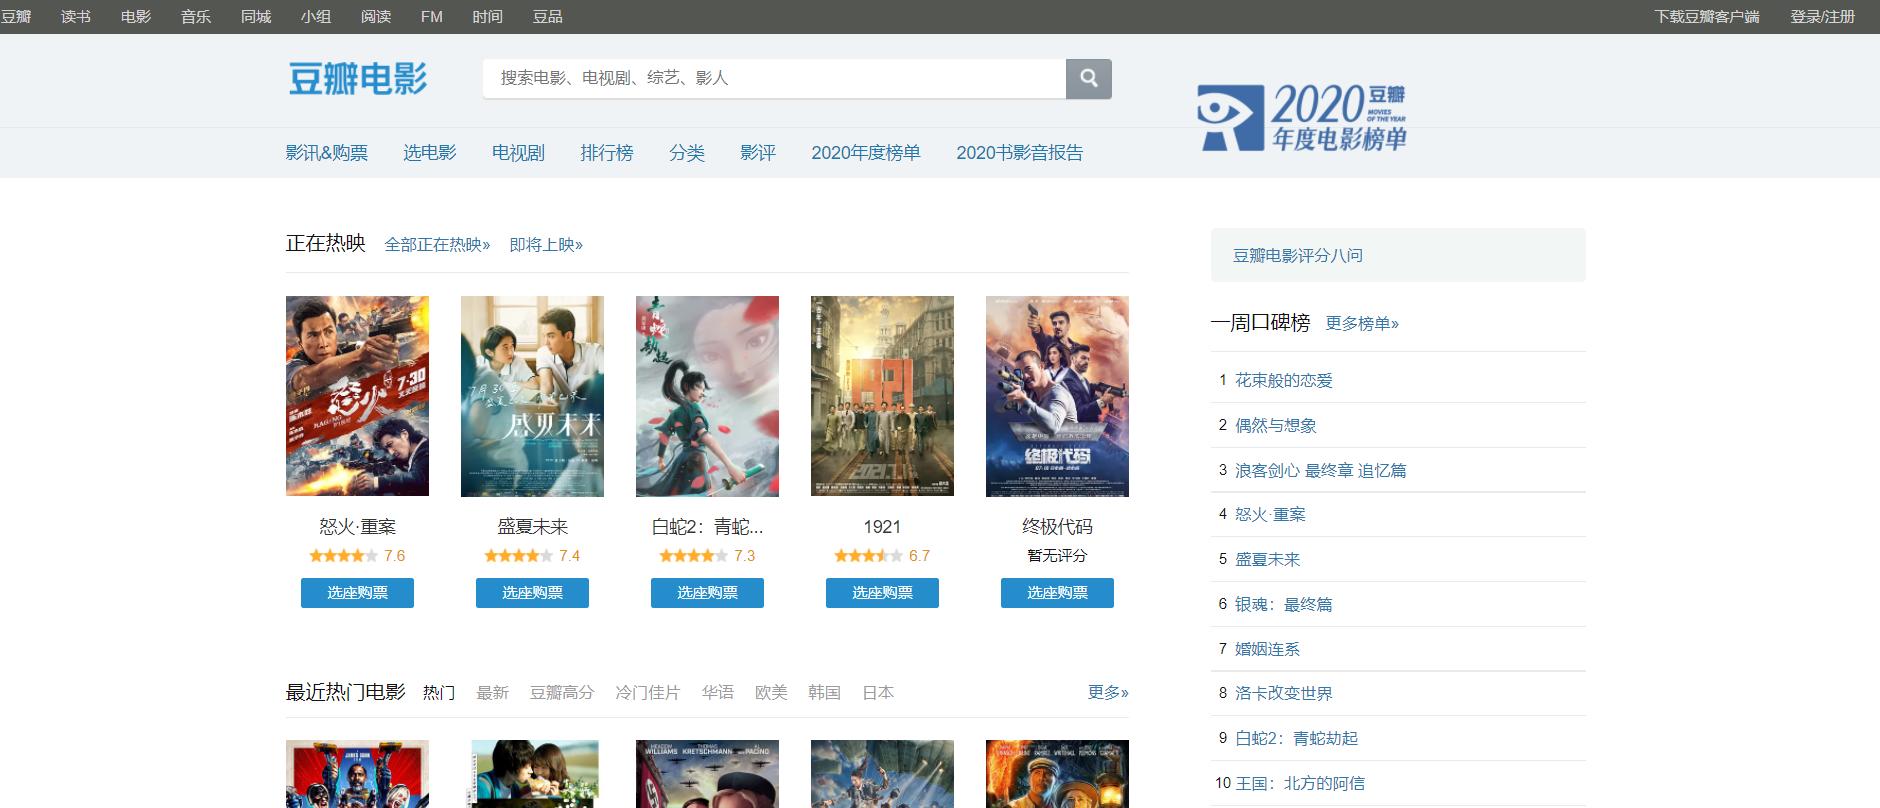 豆瓣电影 高清电影海报下载网站